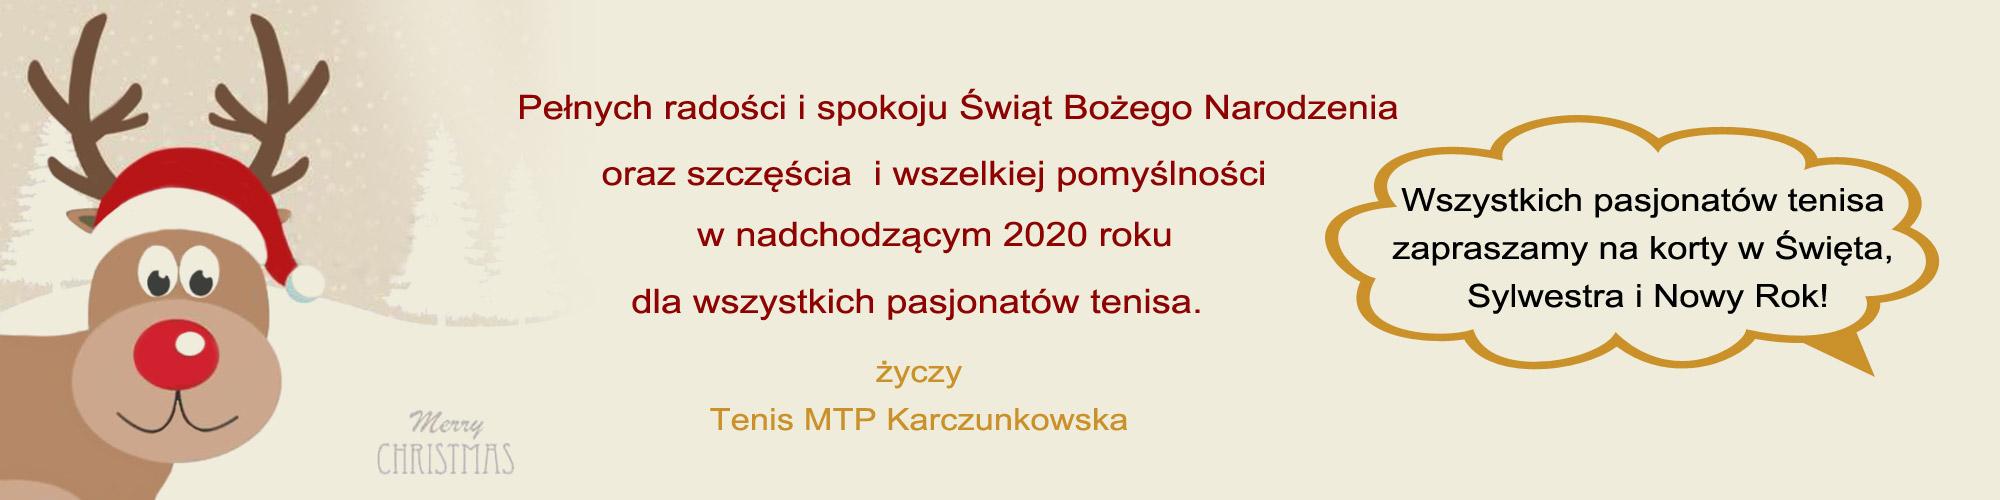 Booze_Narodzenie_2020rok